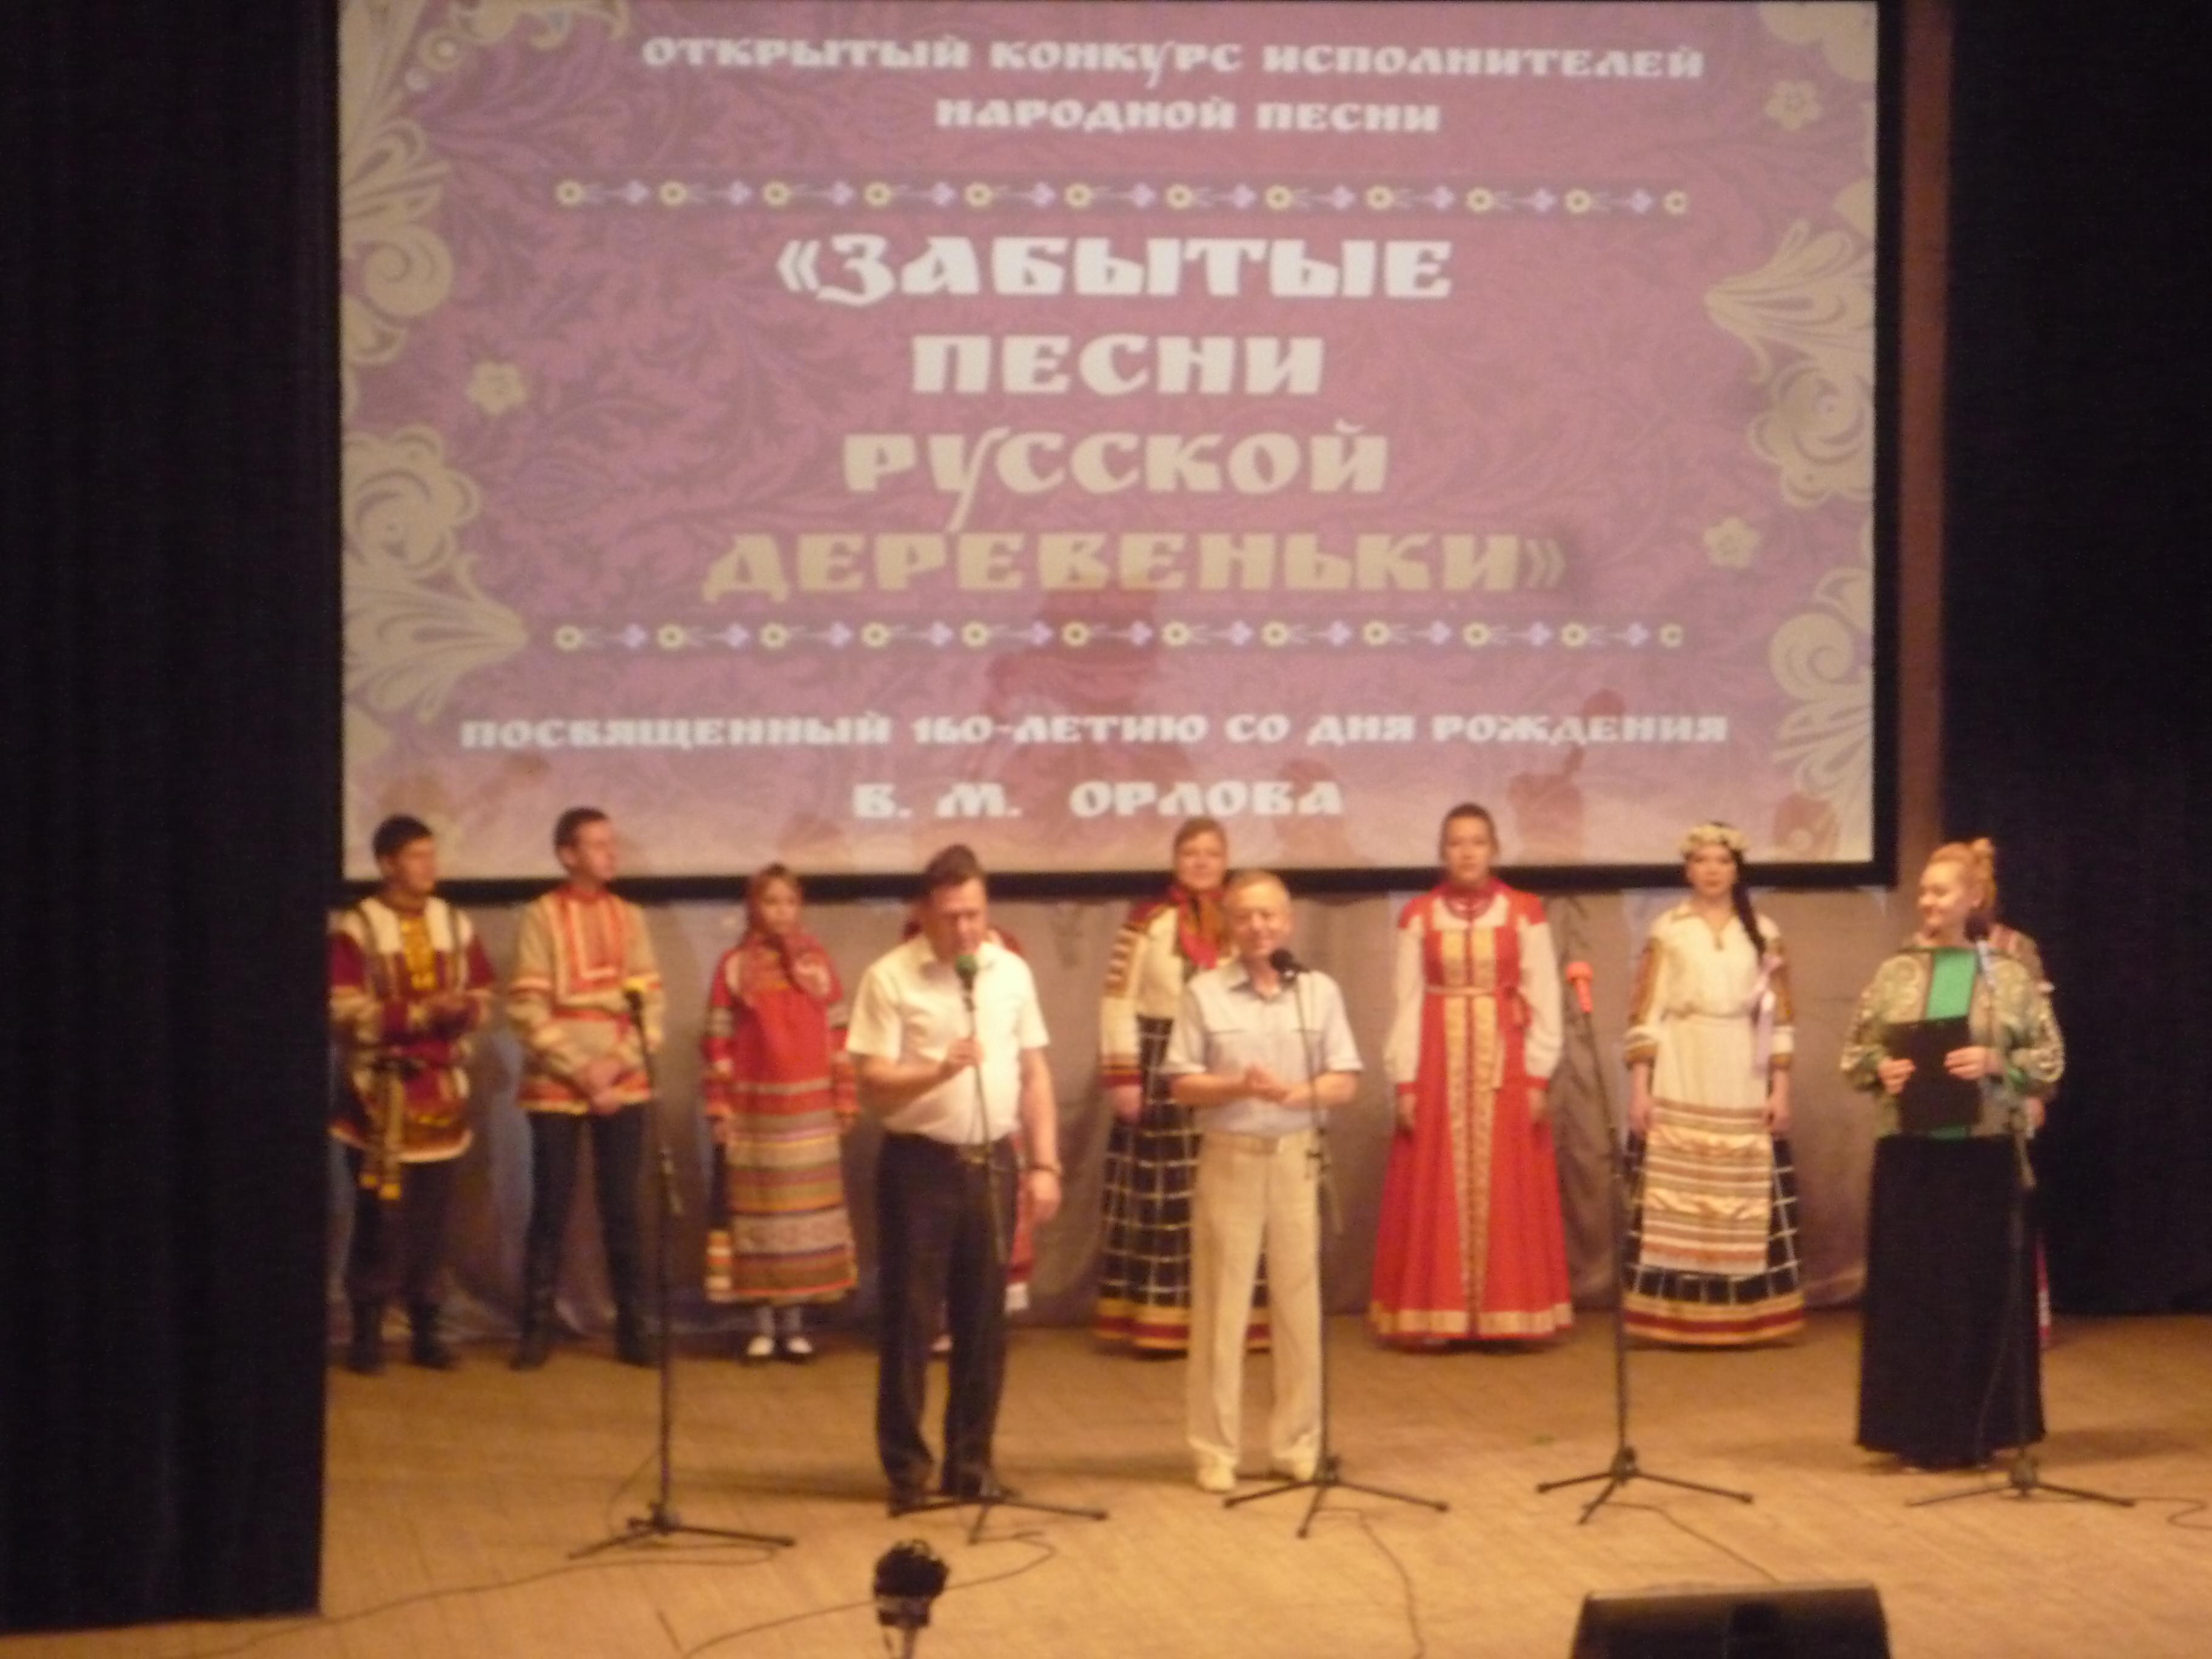 Альбом Открытый конкурс исполнителей народной песни